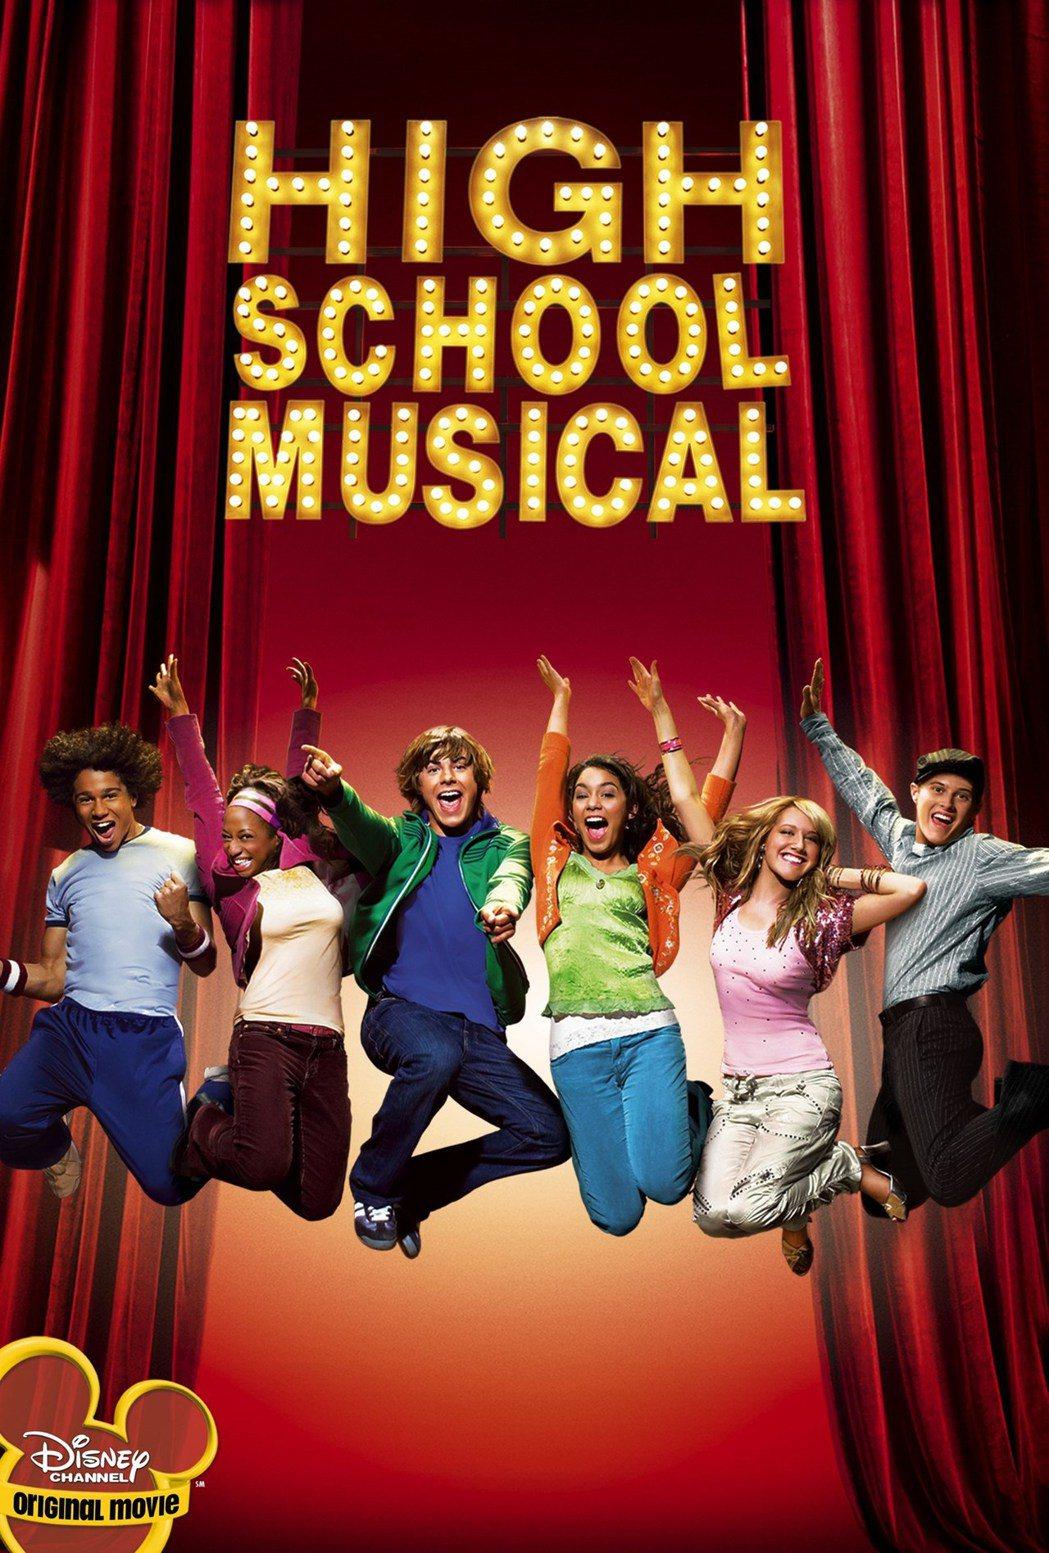 「歌舞青春」在迪士尼頻道創下驚人佳績,紅遍全球。圖/摘自imdb